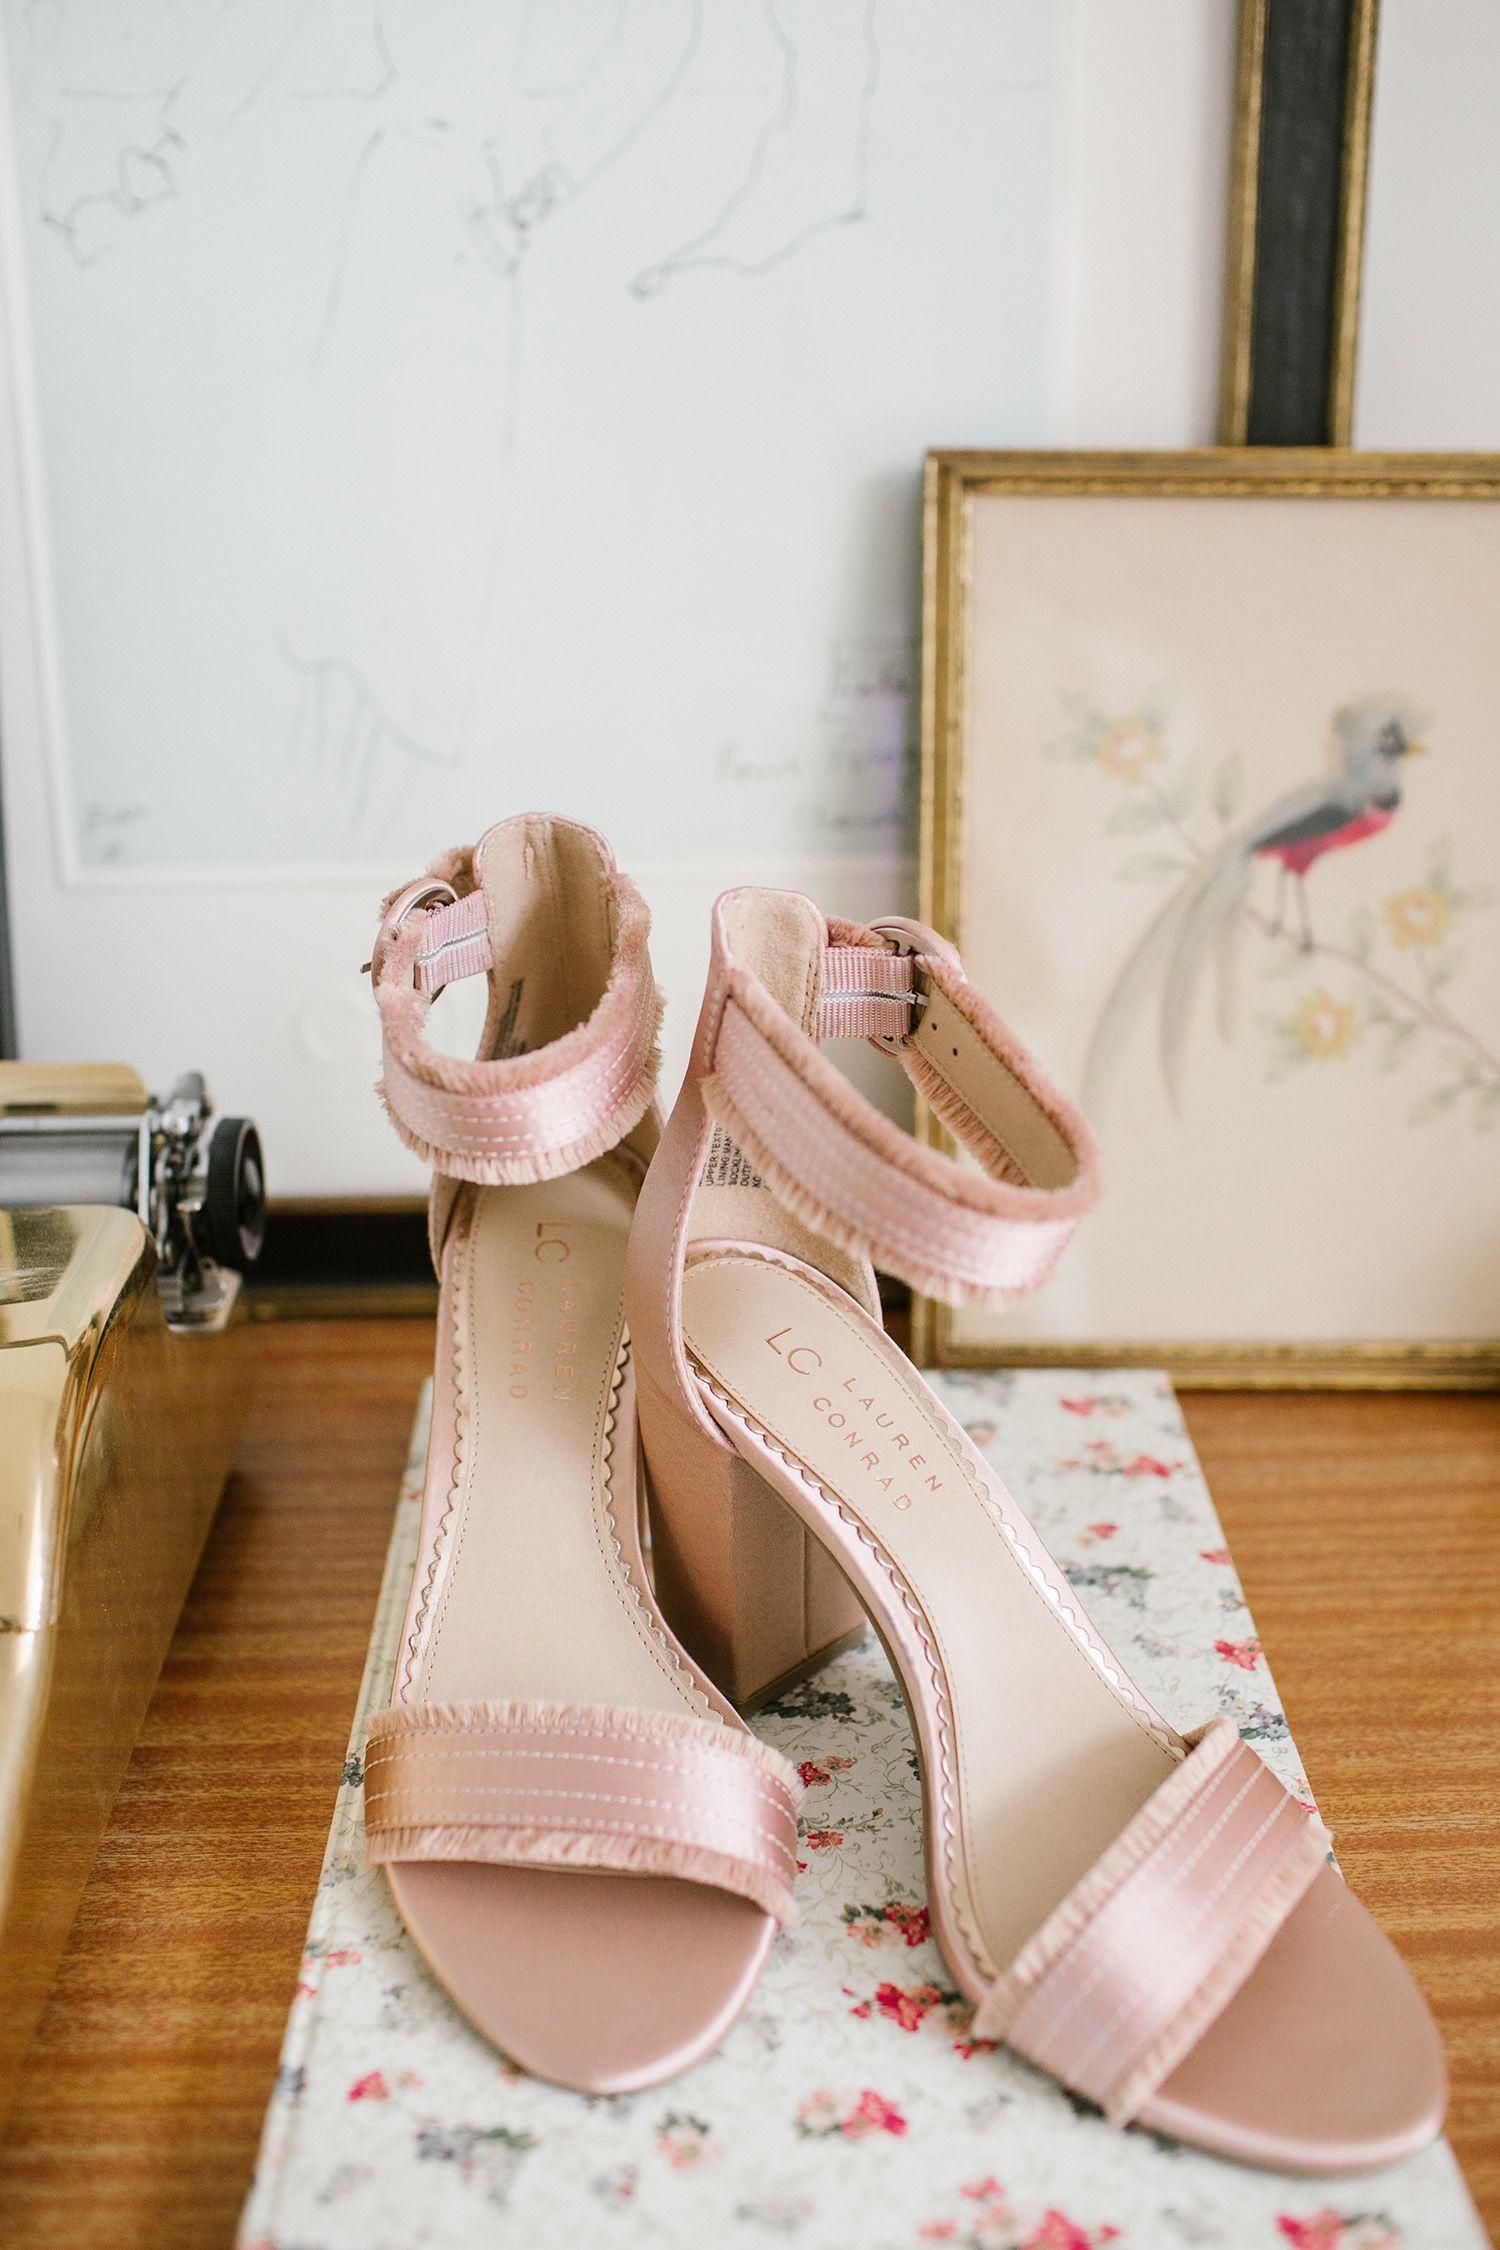 2c9c63f53c6 LC Lauren Conrad Admirer Women s High Heels Sandals